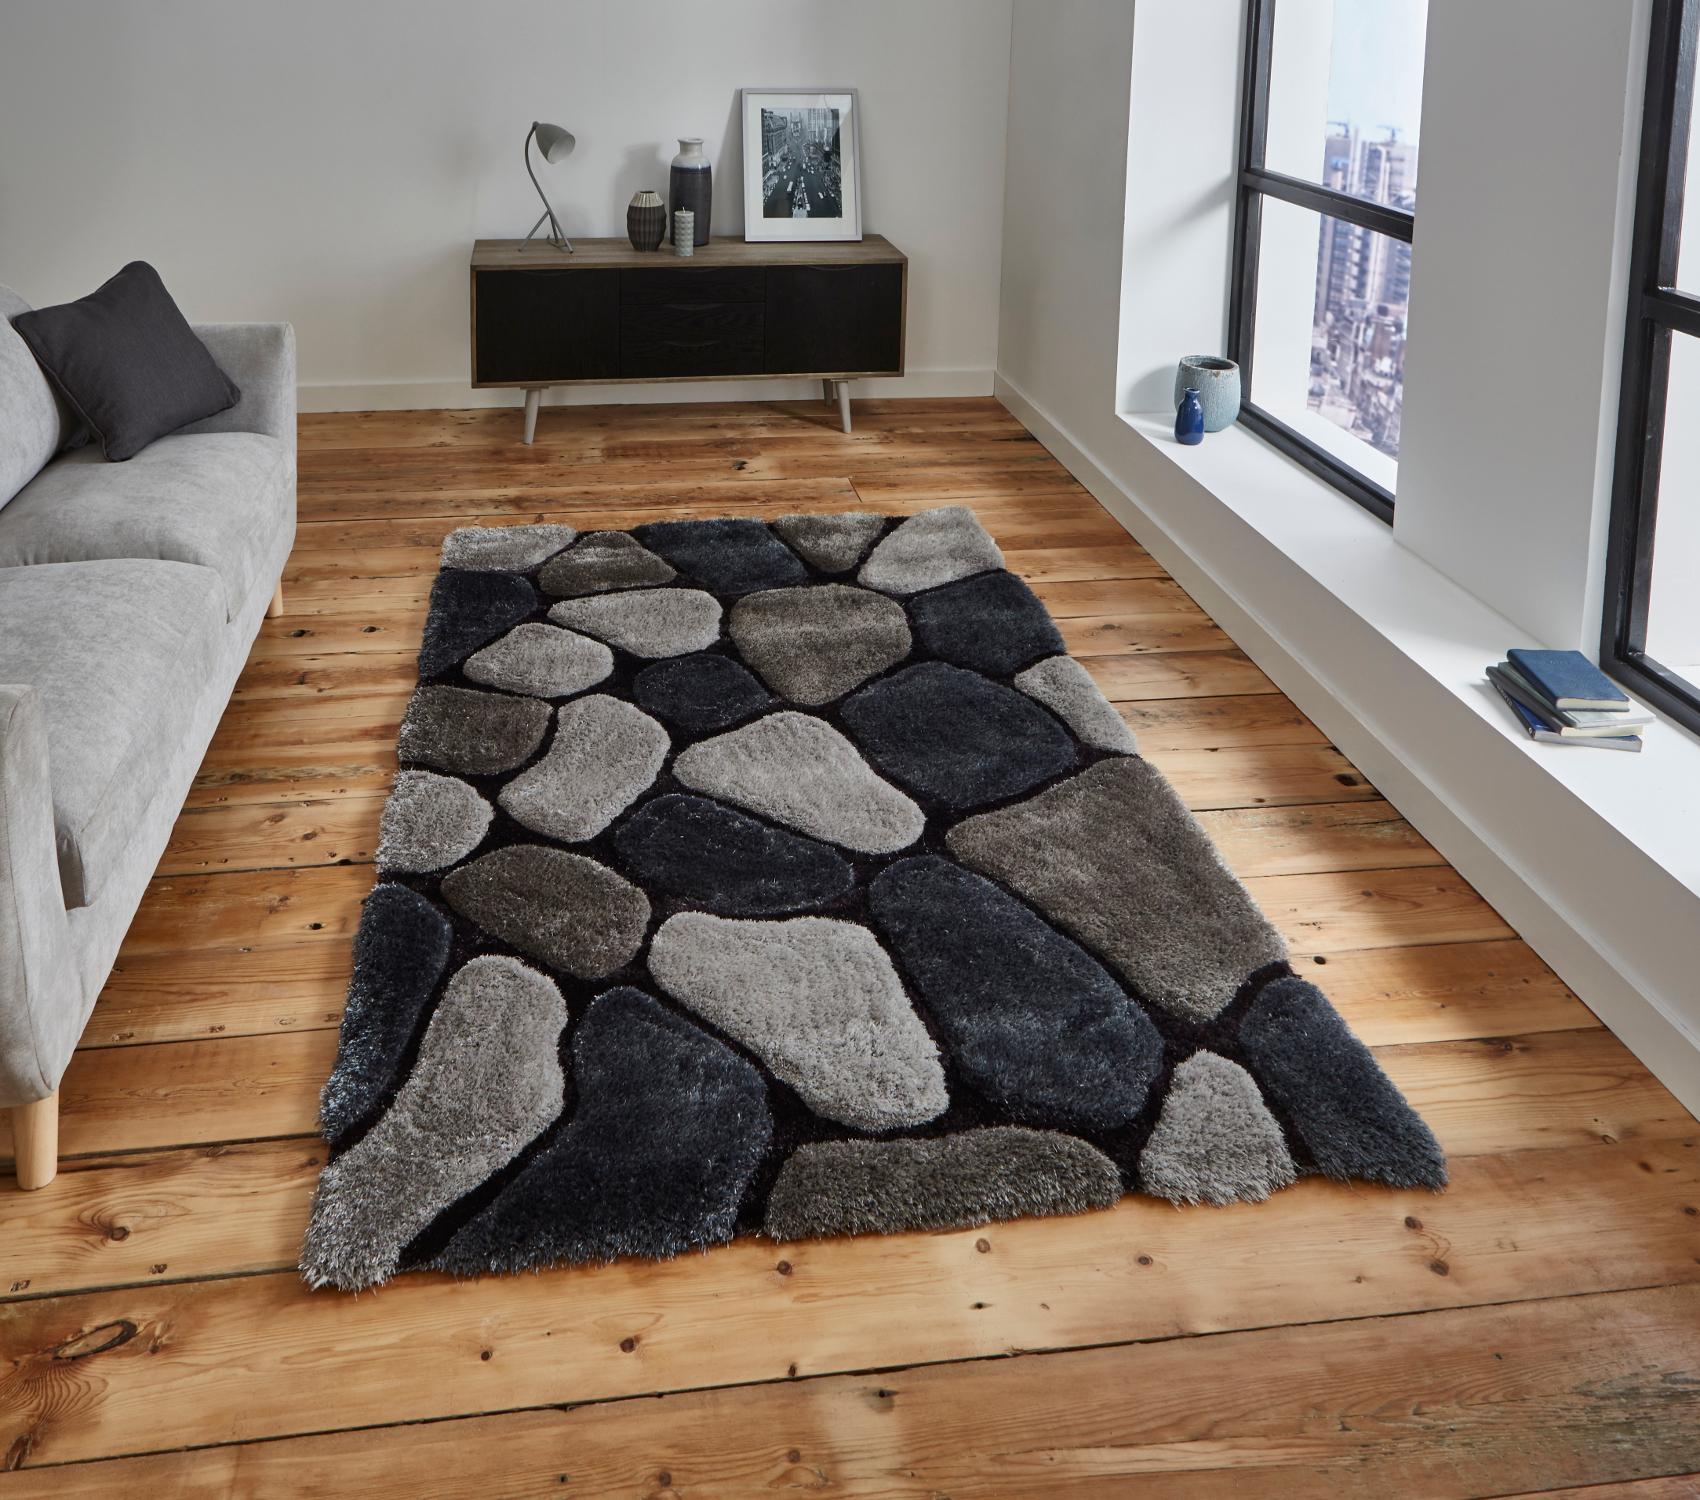 Gy Rug Super Soft Le House Hand Tufted Pebble Home Décor Floor Mat